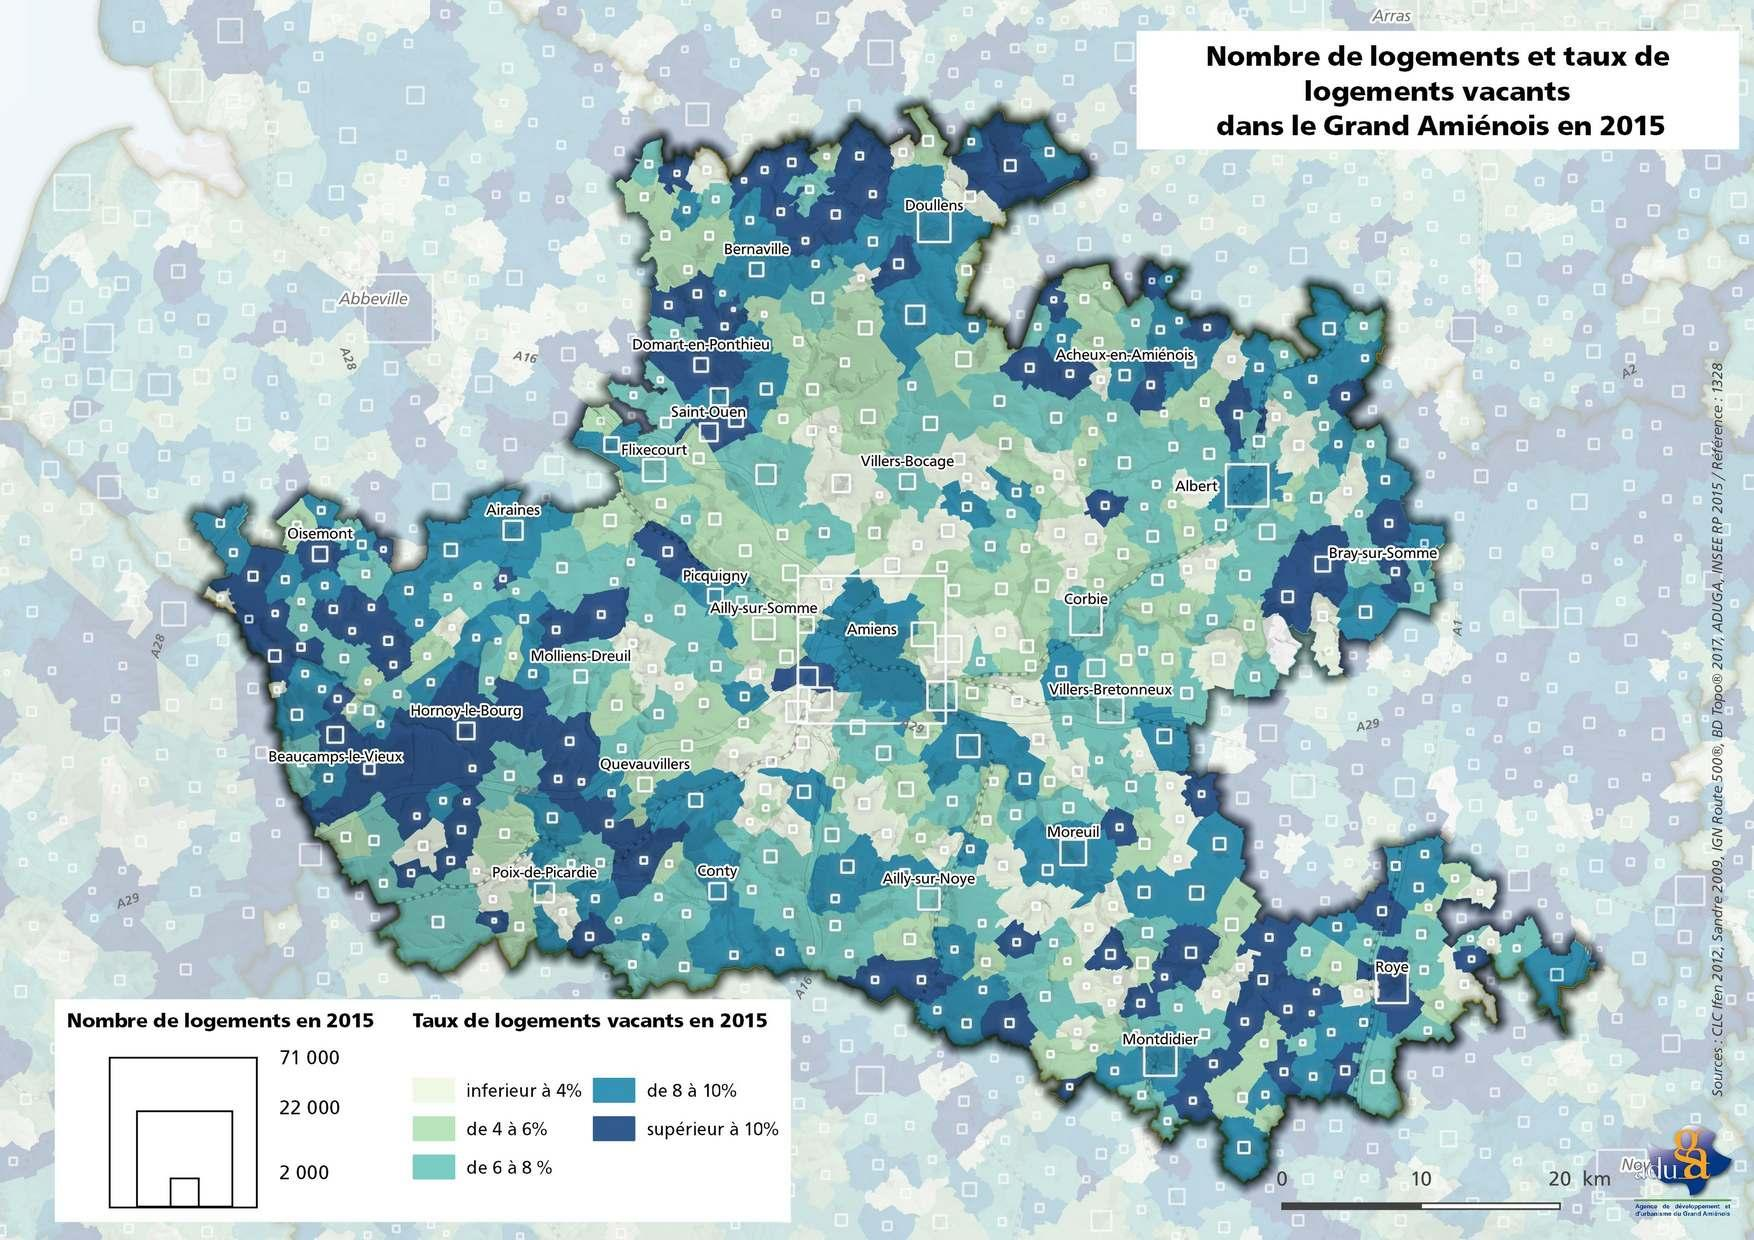 La carte du mois : Les logements vacants, une problématique contrastée